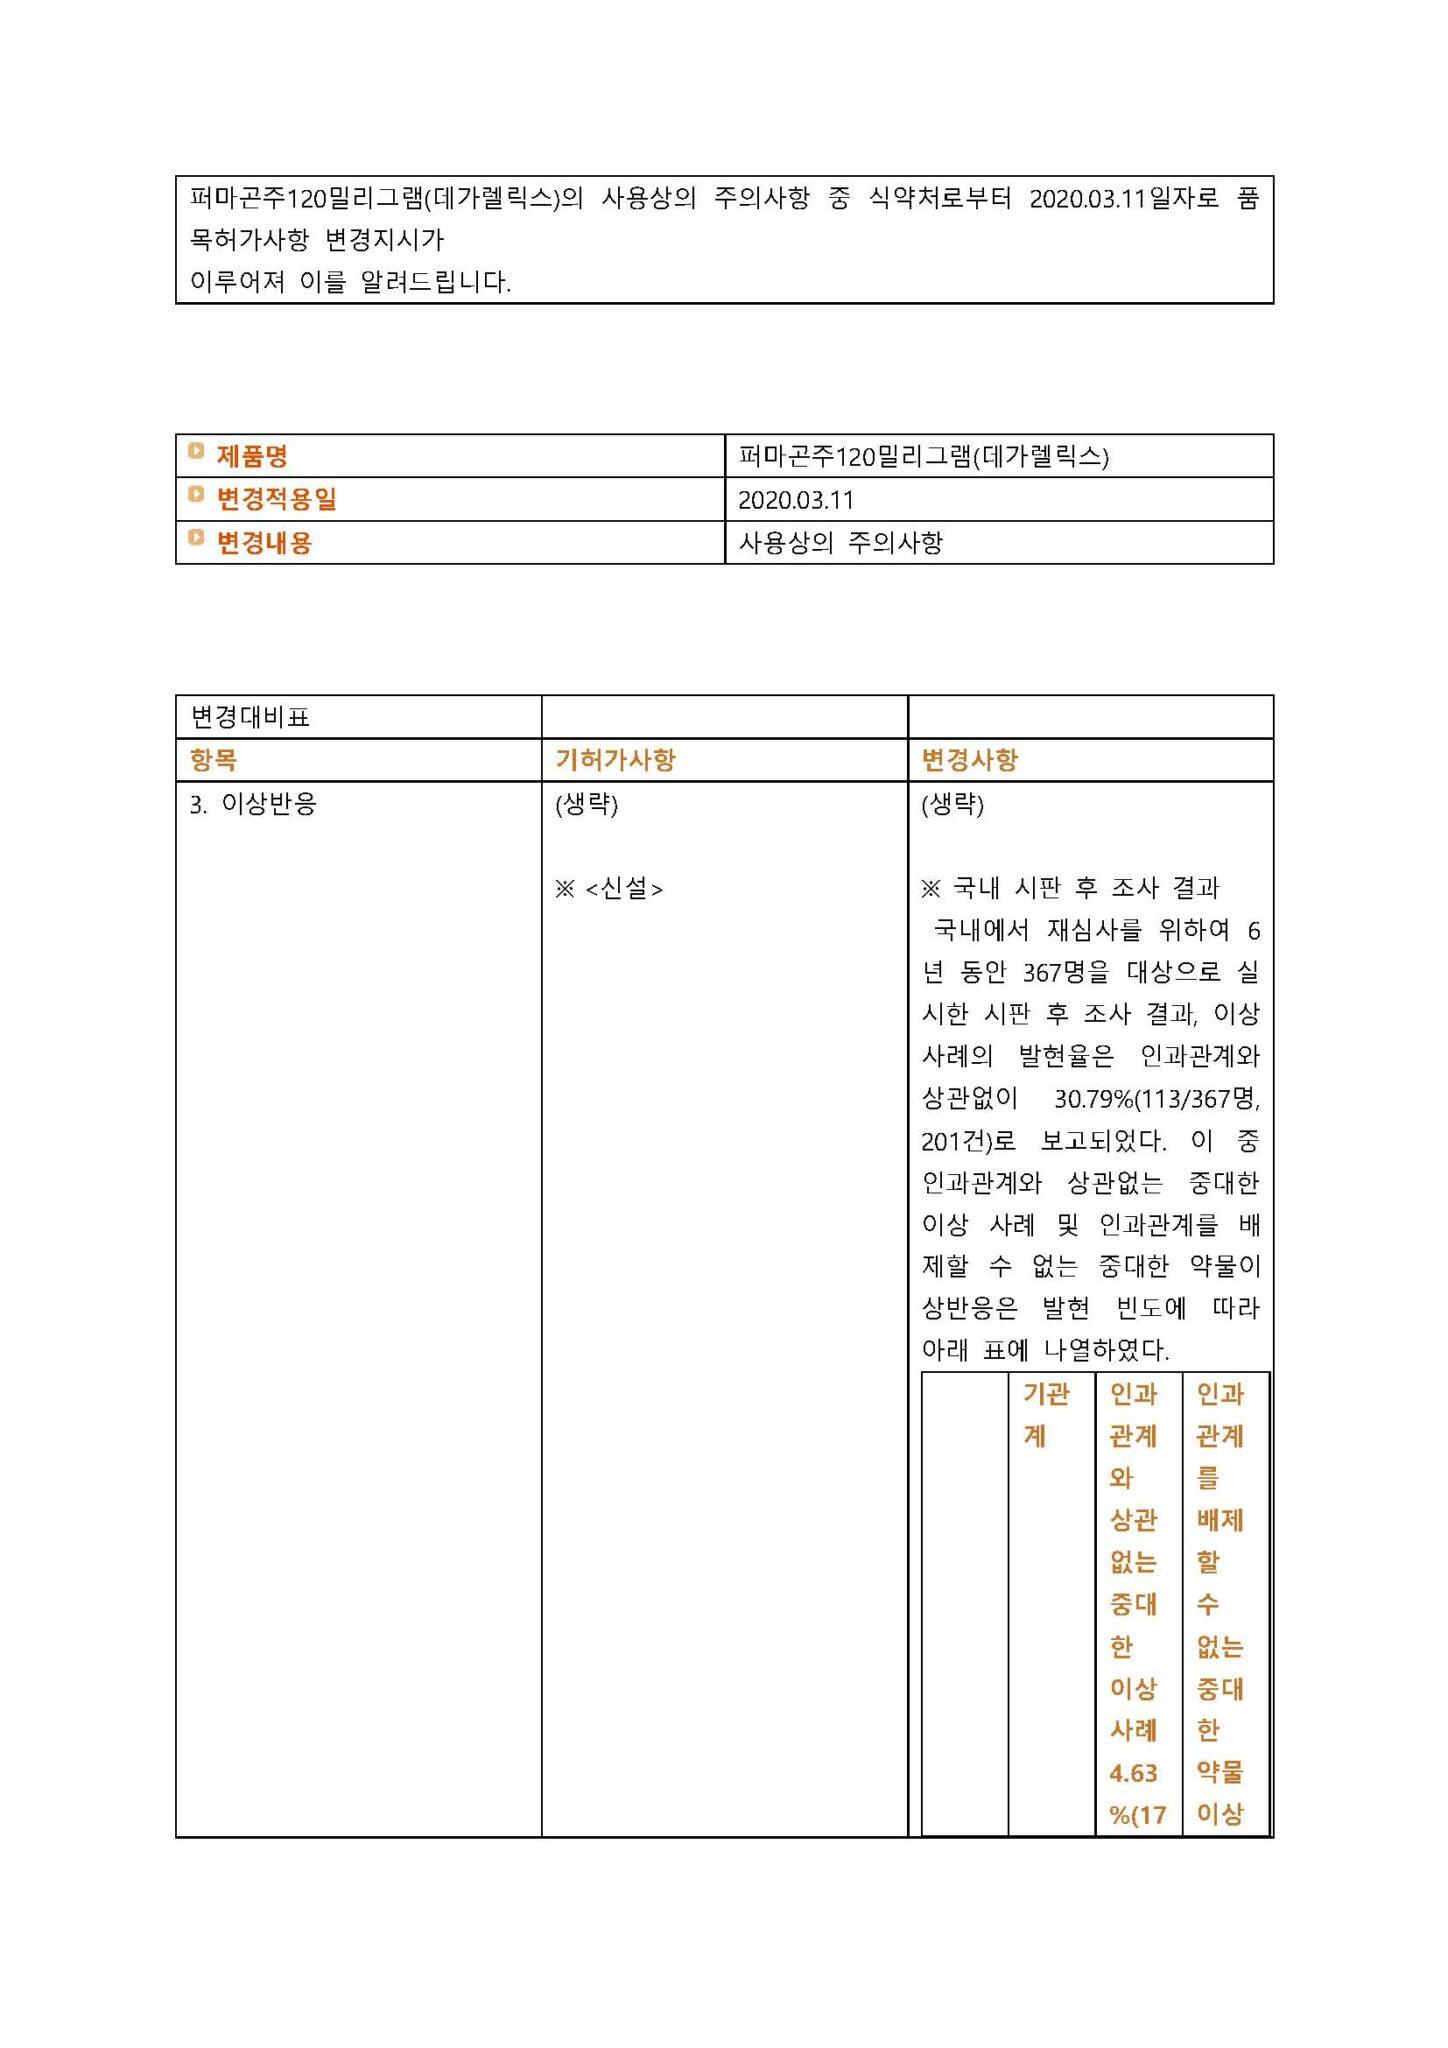 퍼마곤주 120밀리그램 변경일 2020.03.11